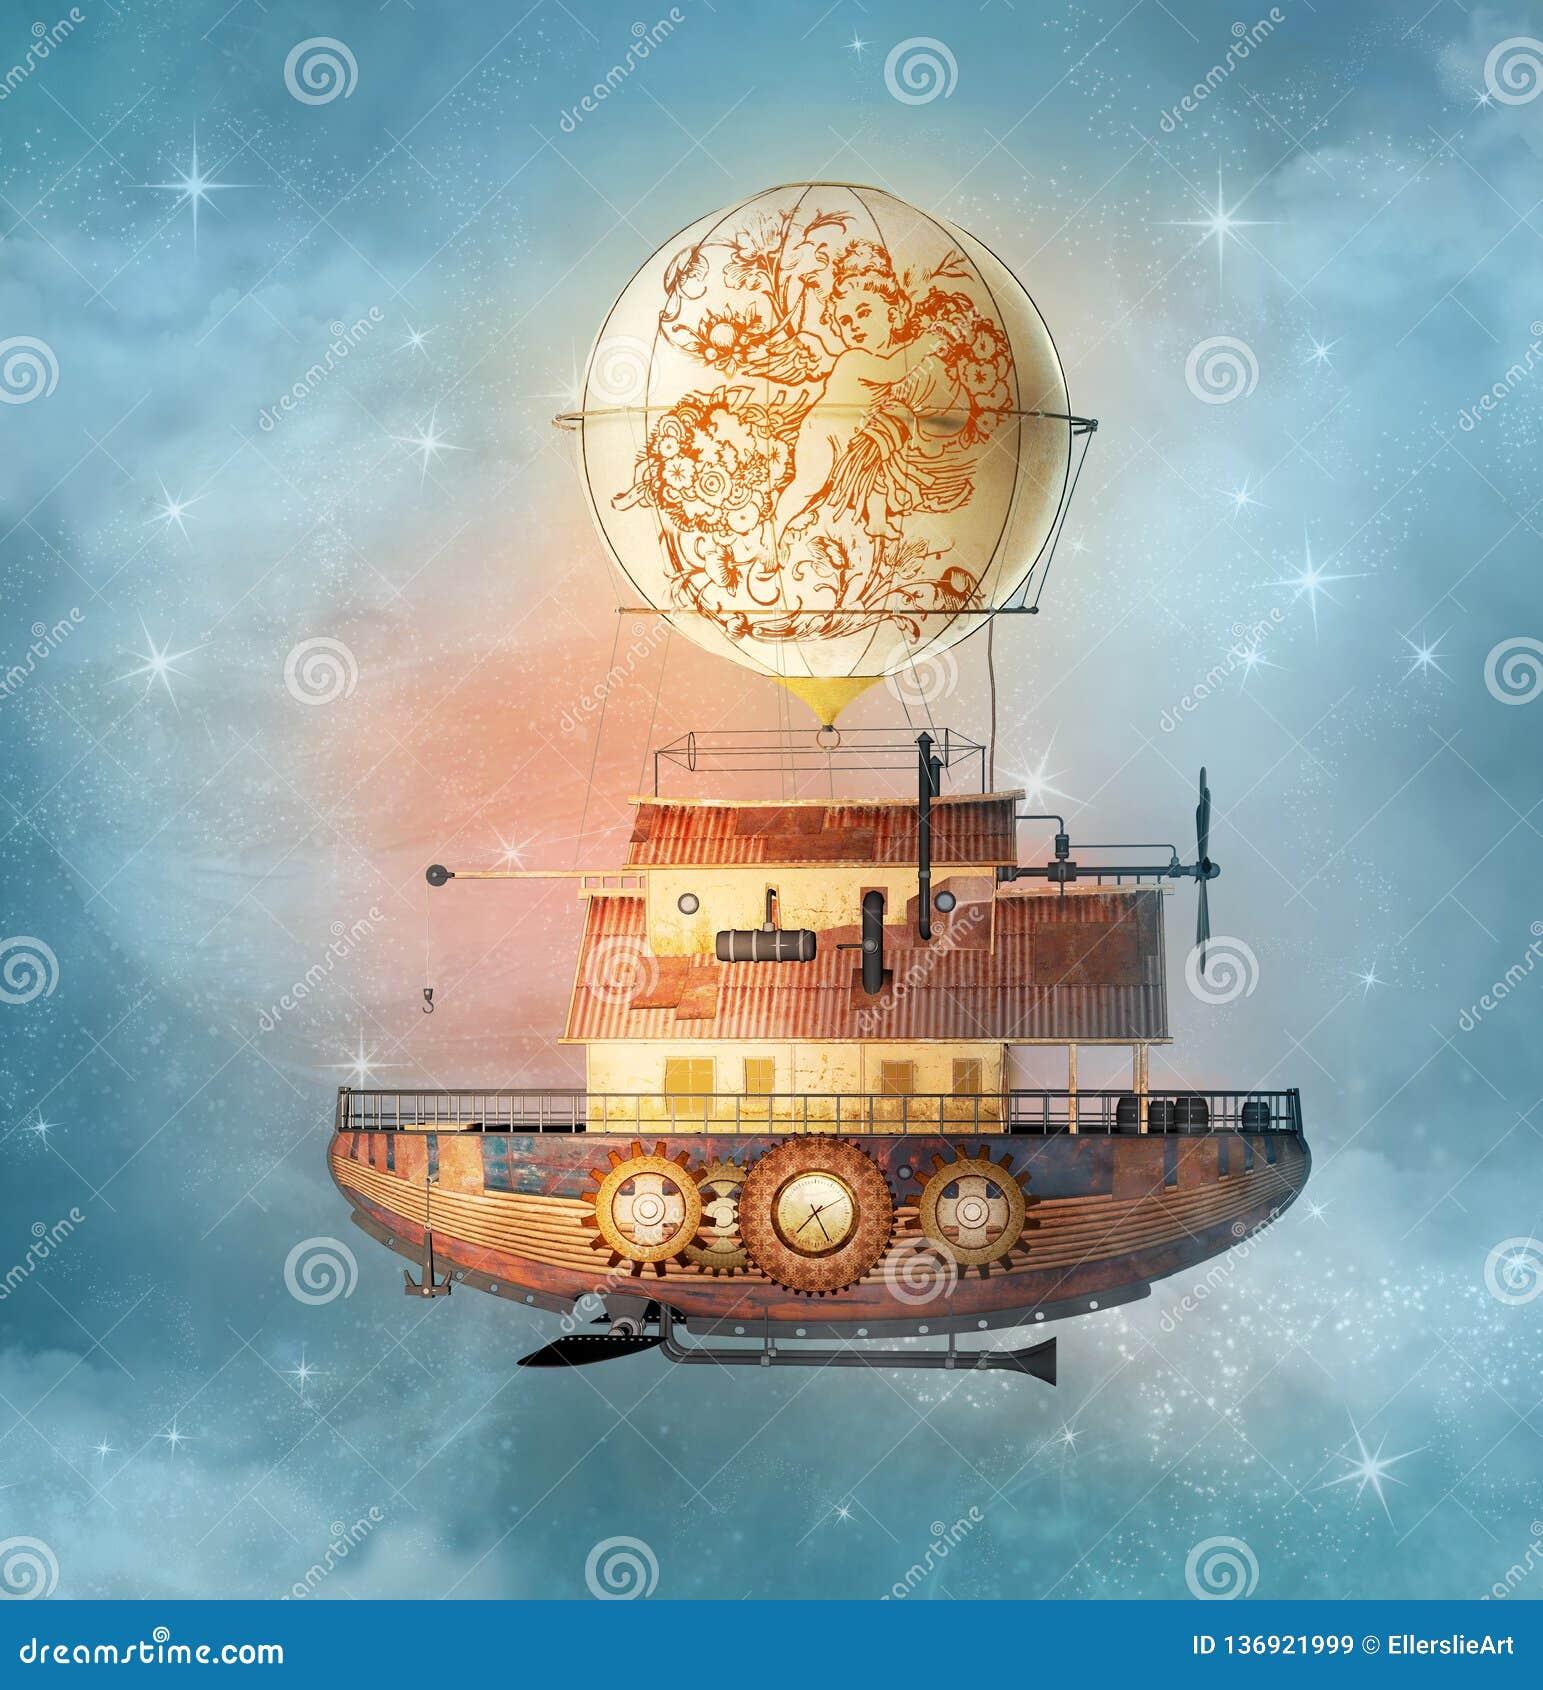 De vliegen van het fantasie steampunk luchtschip in een sterrige hemel